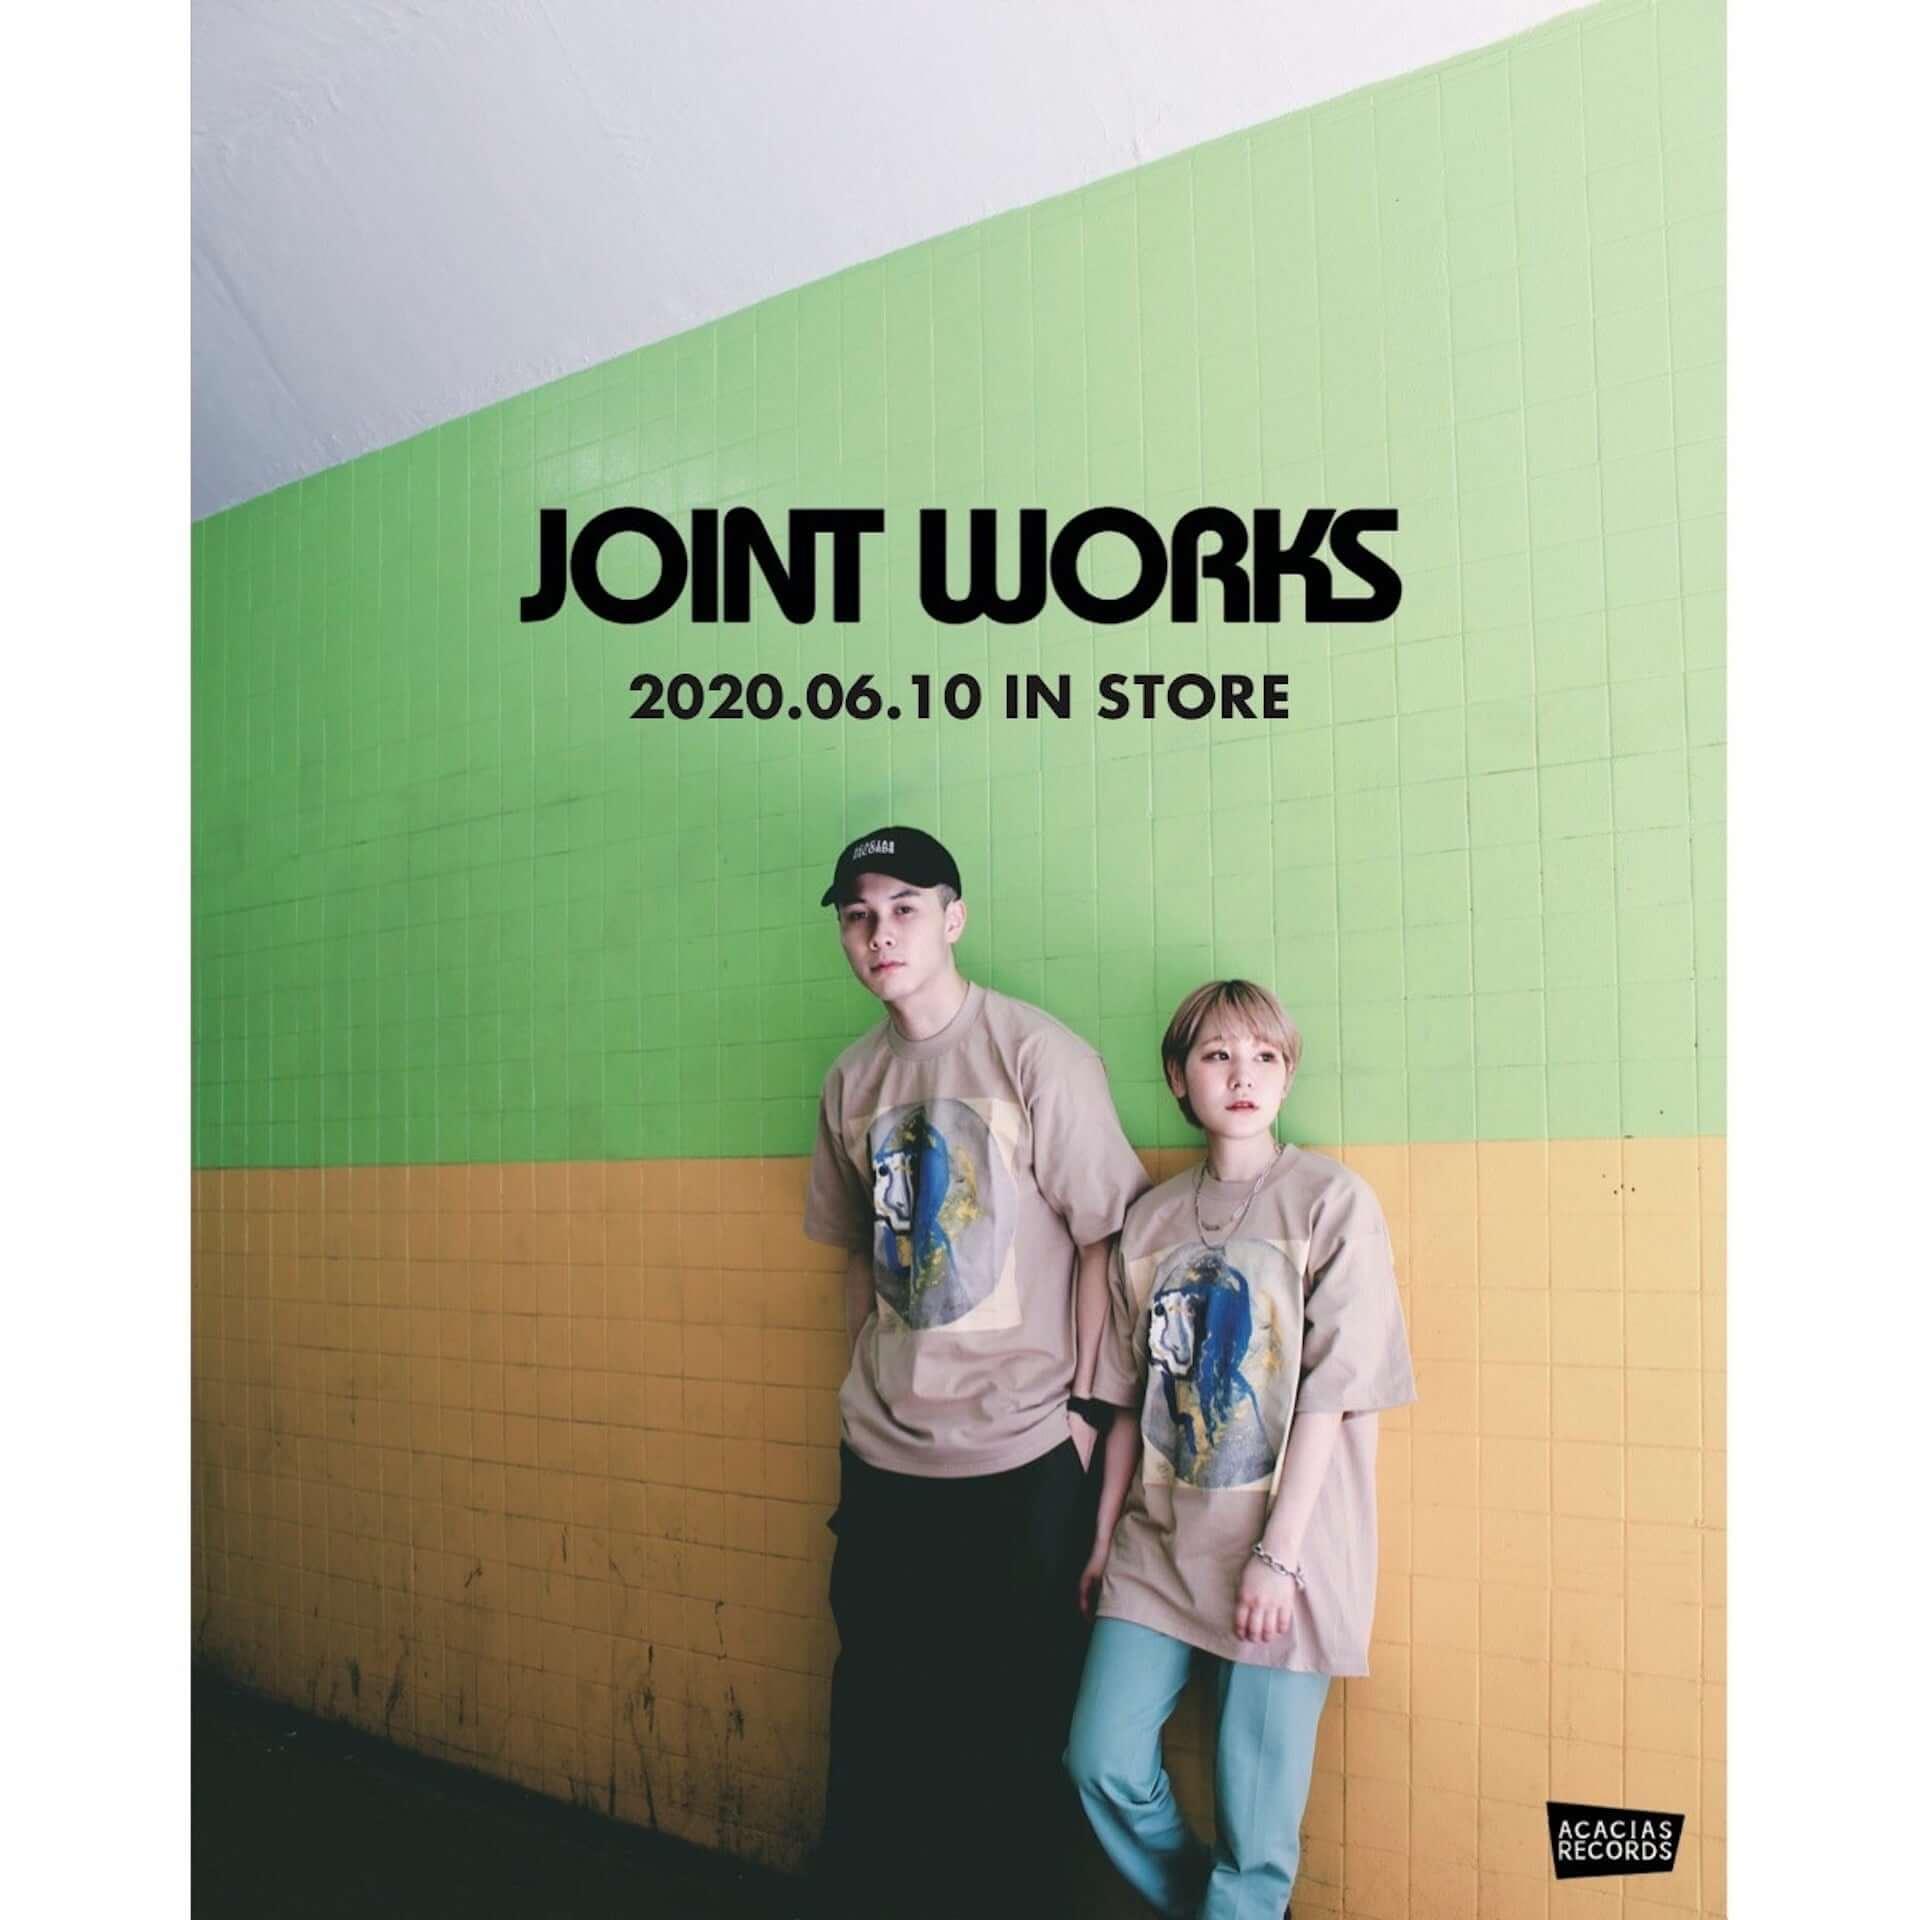 架空のレコードショップ・ACACIAS RECORDSのTシャツがJOINT WORKSにて販売決定|先着でステッカーもプレゼント lf200609_acaciasrecords_5-1920x1920